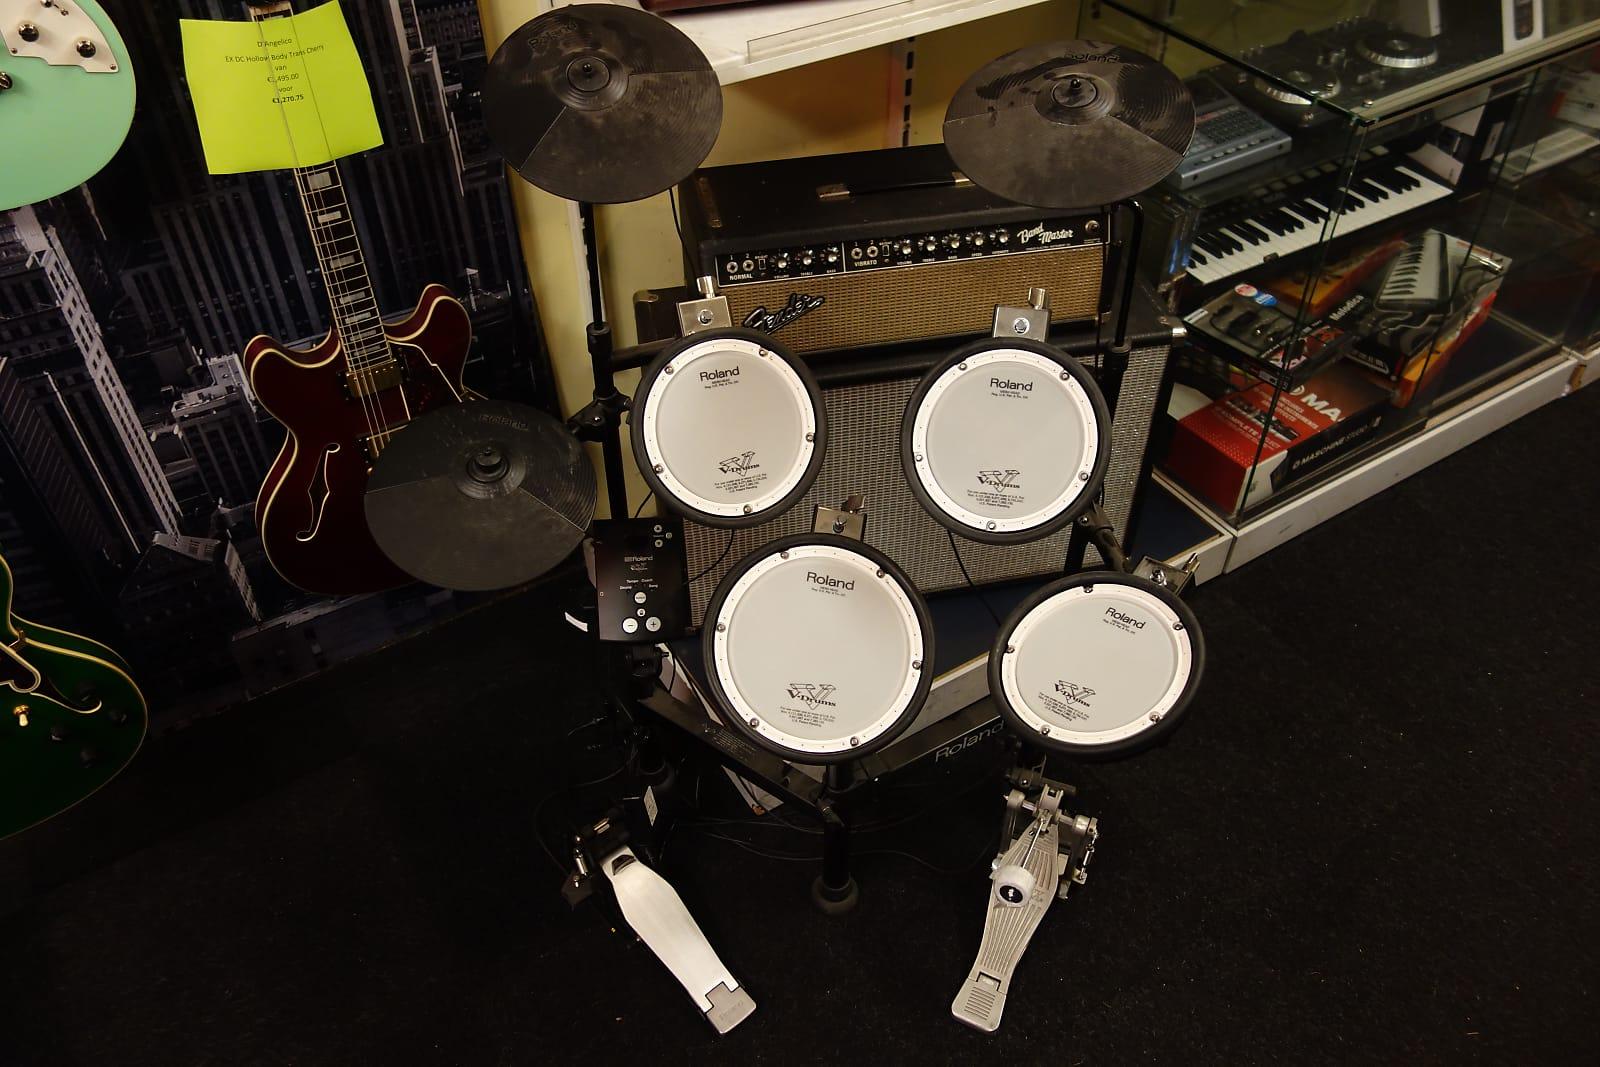 Roland TD1-KPX 2018 Digital drum set (Shop Demo model)